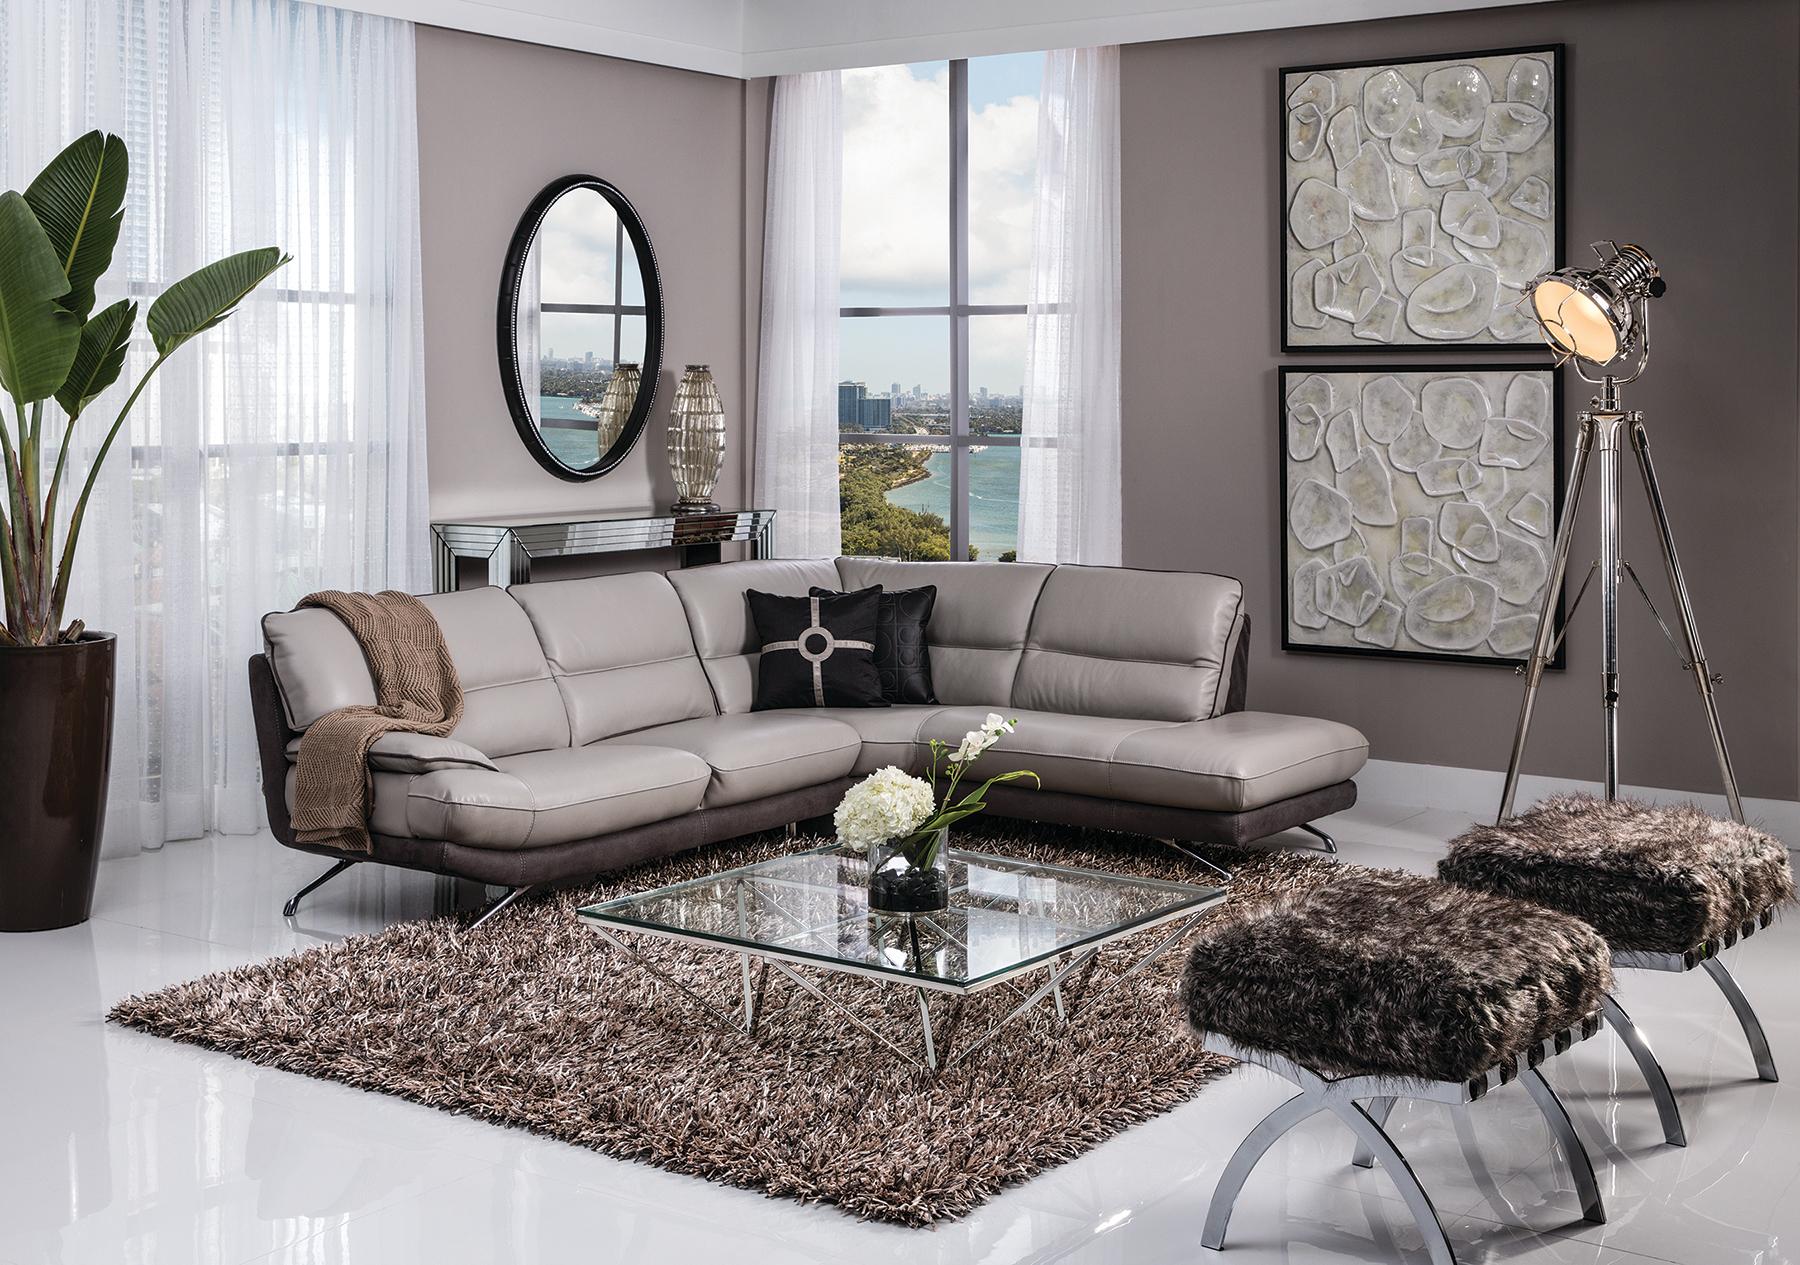 El dorado furniture miami gardens florida - El Dorado Furniture Palmetto Boulevard 4200 N W 167th Street